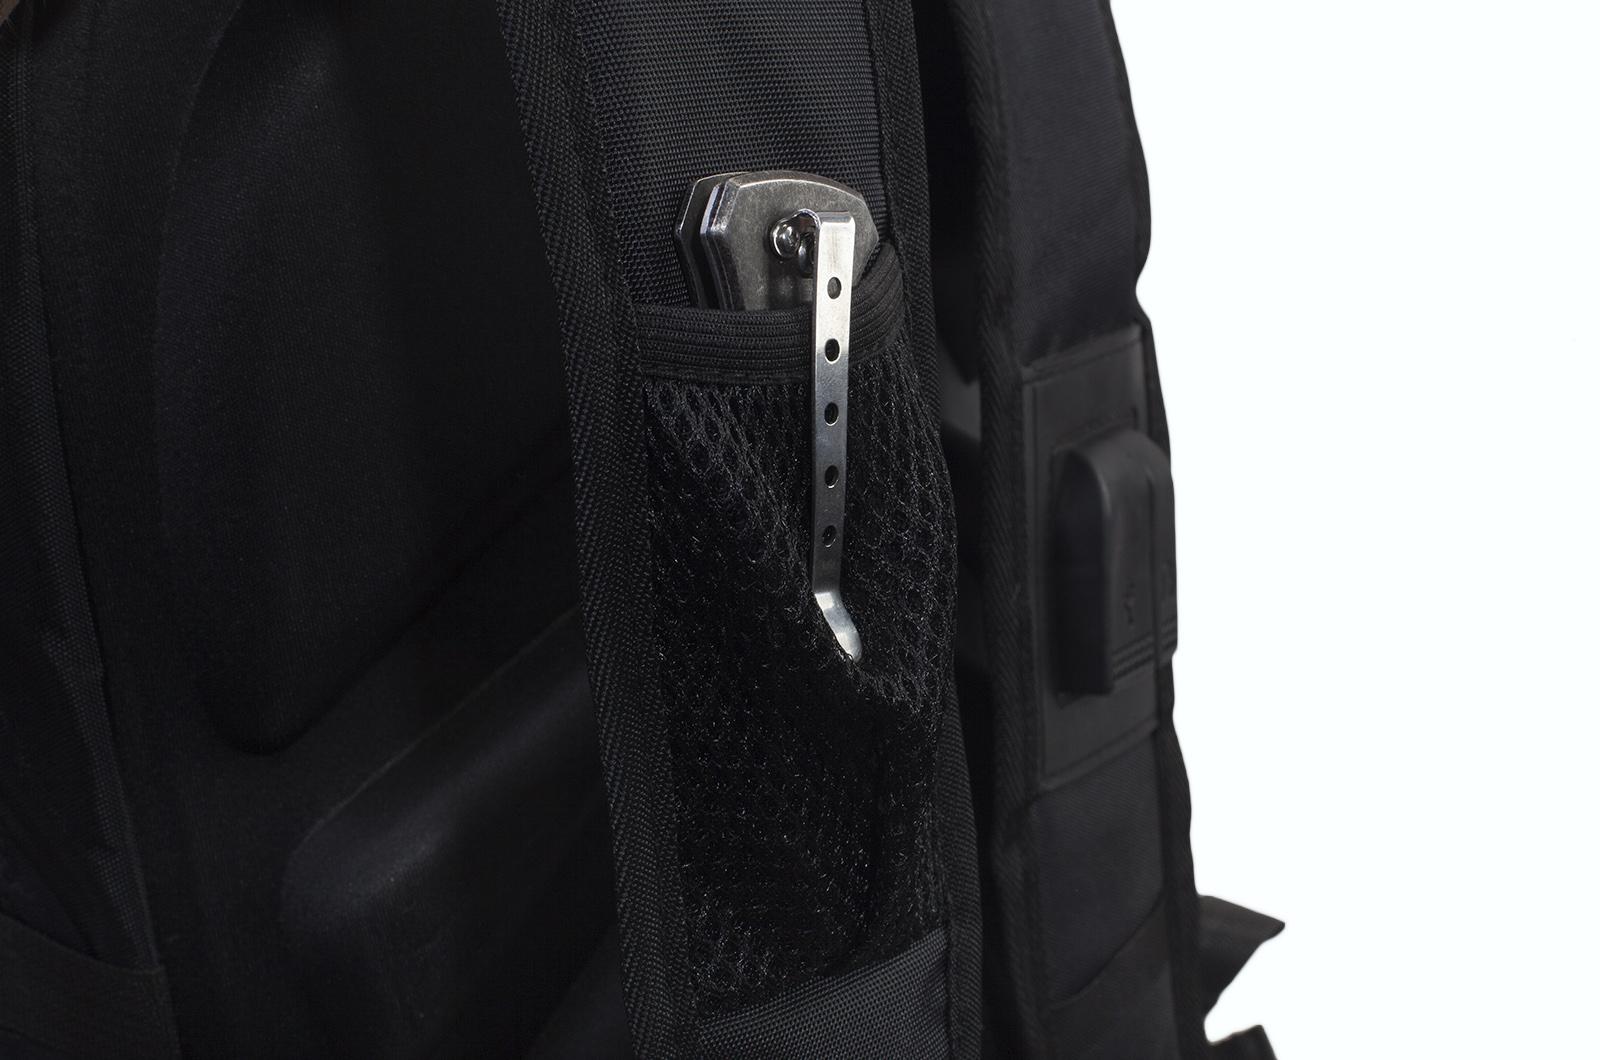 Зачетный черный рюкзак с нашивкой Спецназ ГРУ купить по лучшей цене